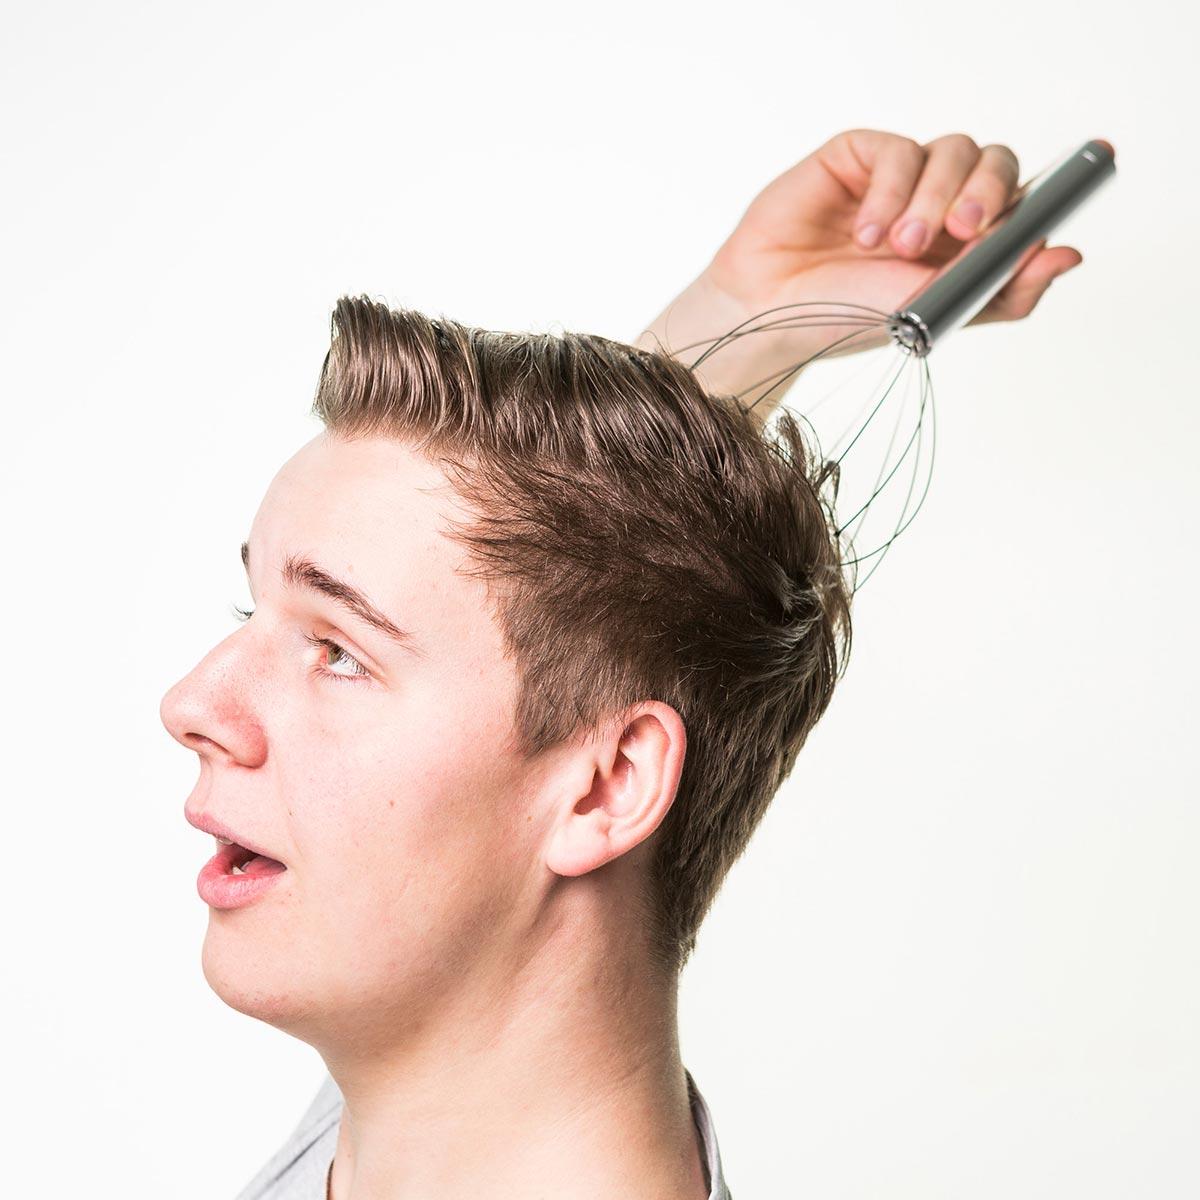 Afbeelding van Zilveren Dzine Angel Fingers massageapparaat voor het hoofd